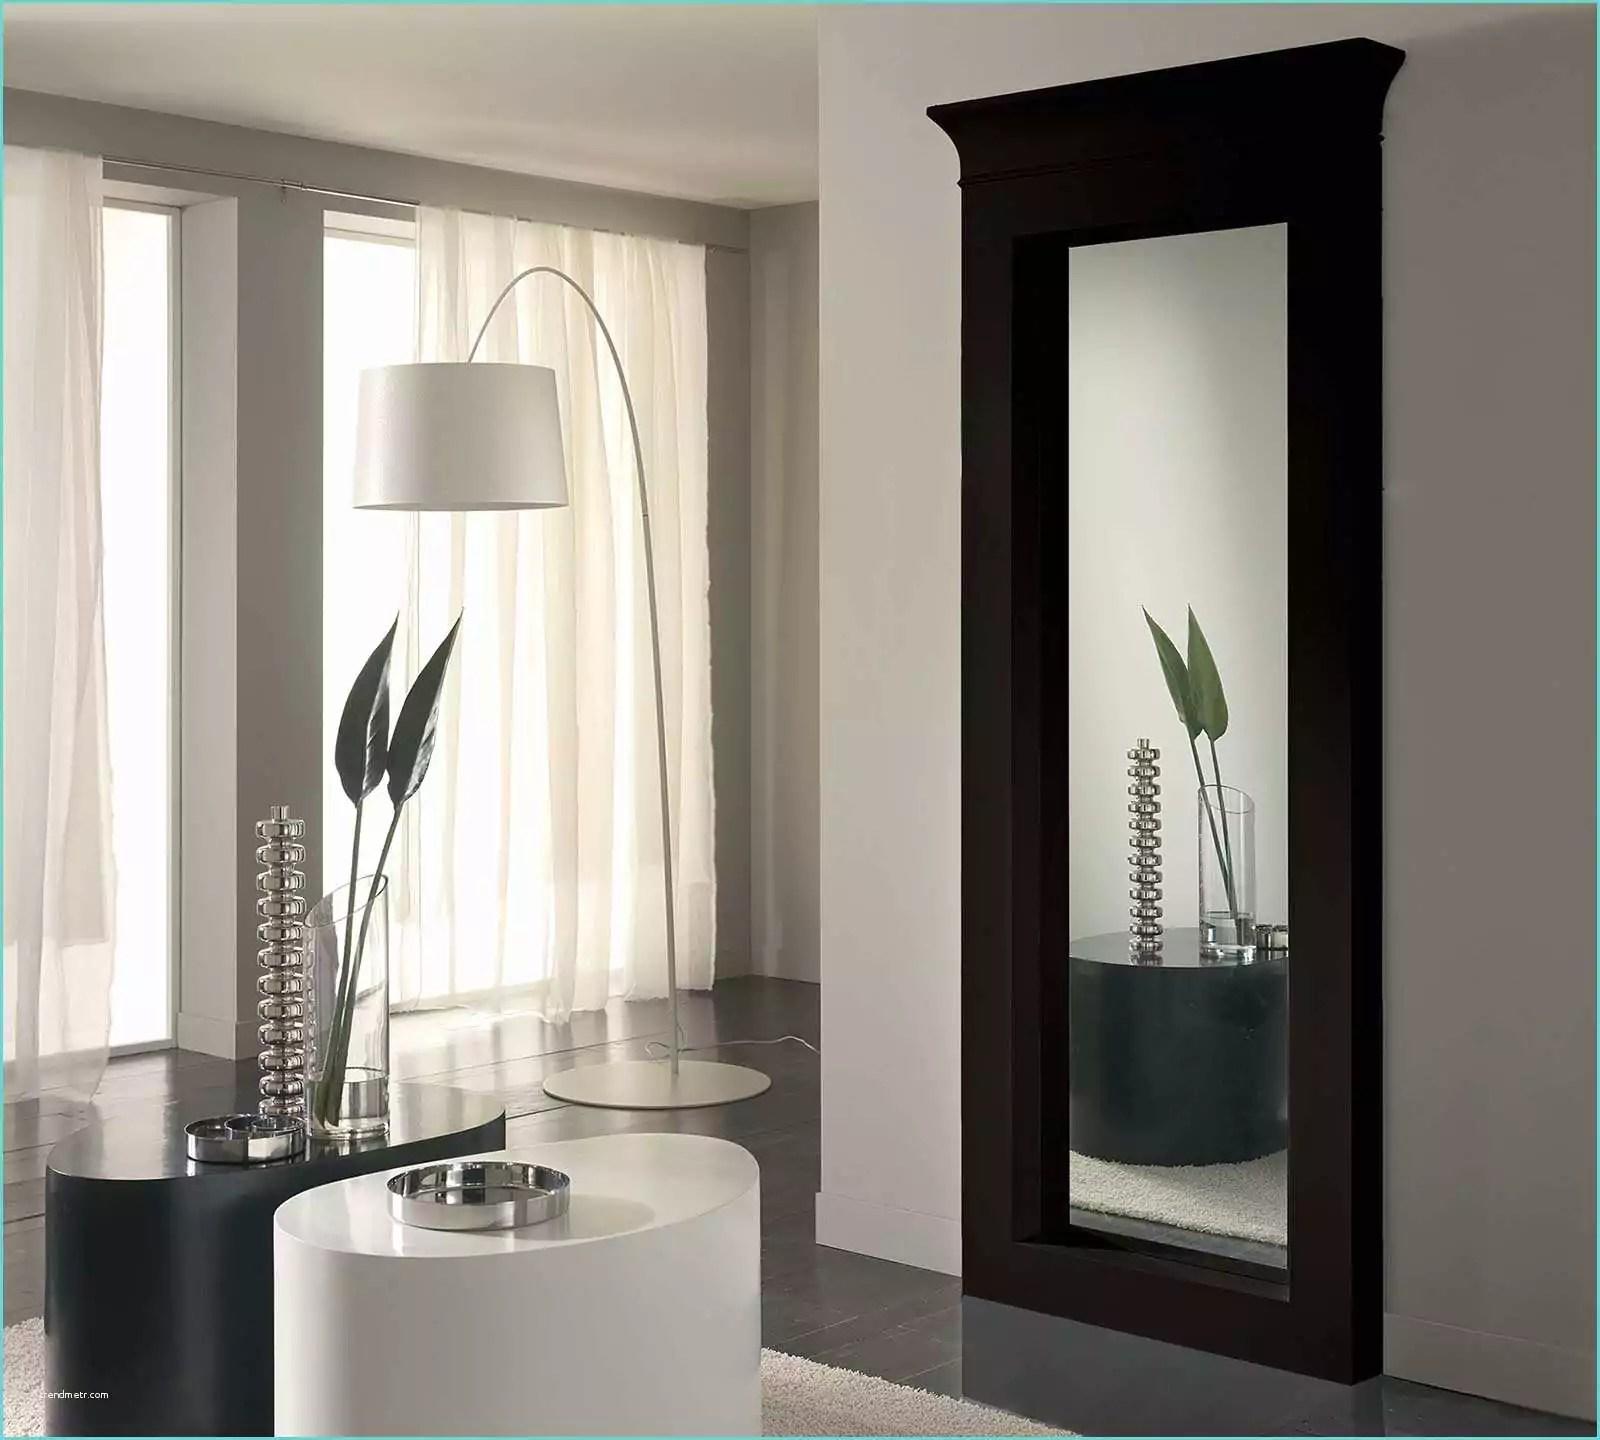 Specchi A Parete Moderni.Specchi Lunghi Da Parete Specchi Da Muro Ikea